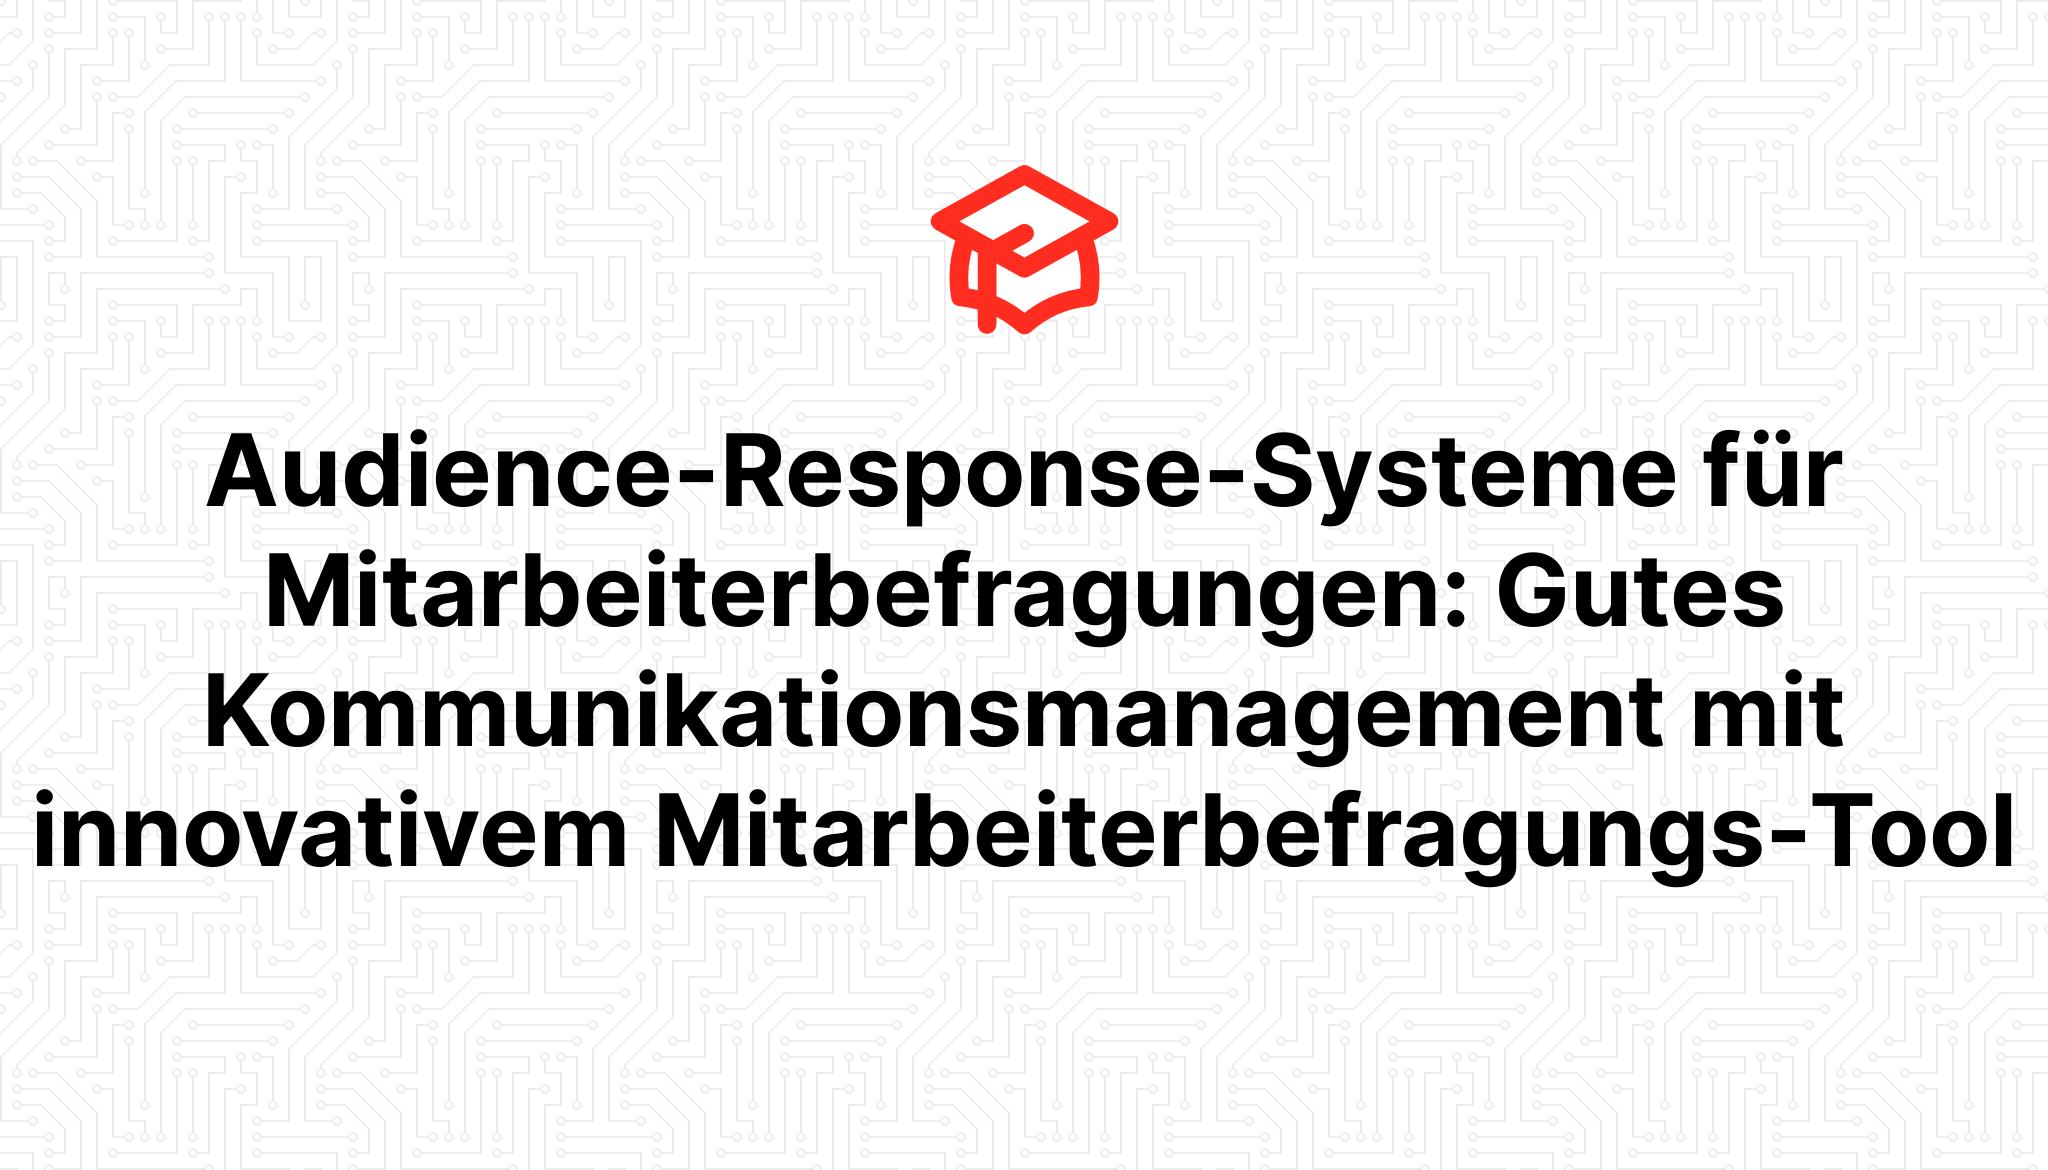 Audience-Response-Systeme für Mitarbeiterbefragungen: Gutes Kommunikationsmanagement mit innovativem Mitarbeiterbefragungs-Tool